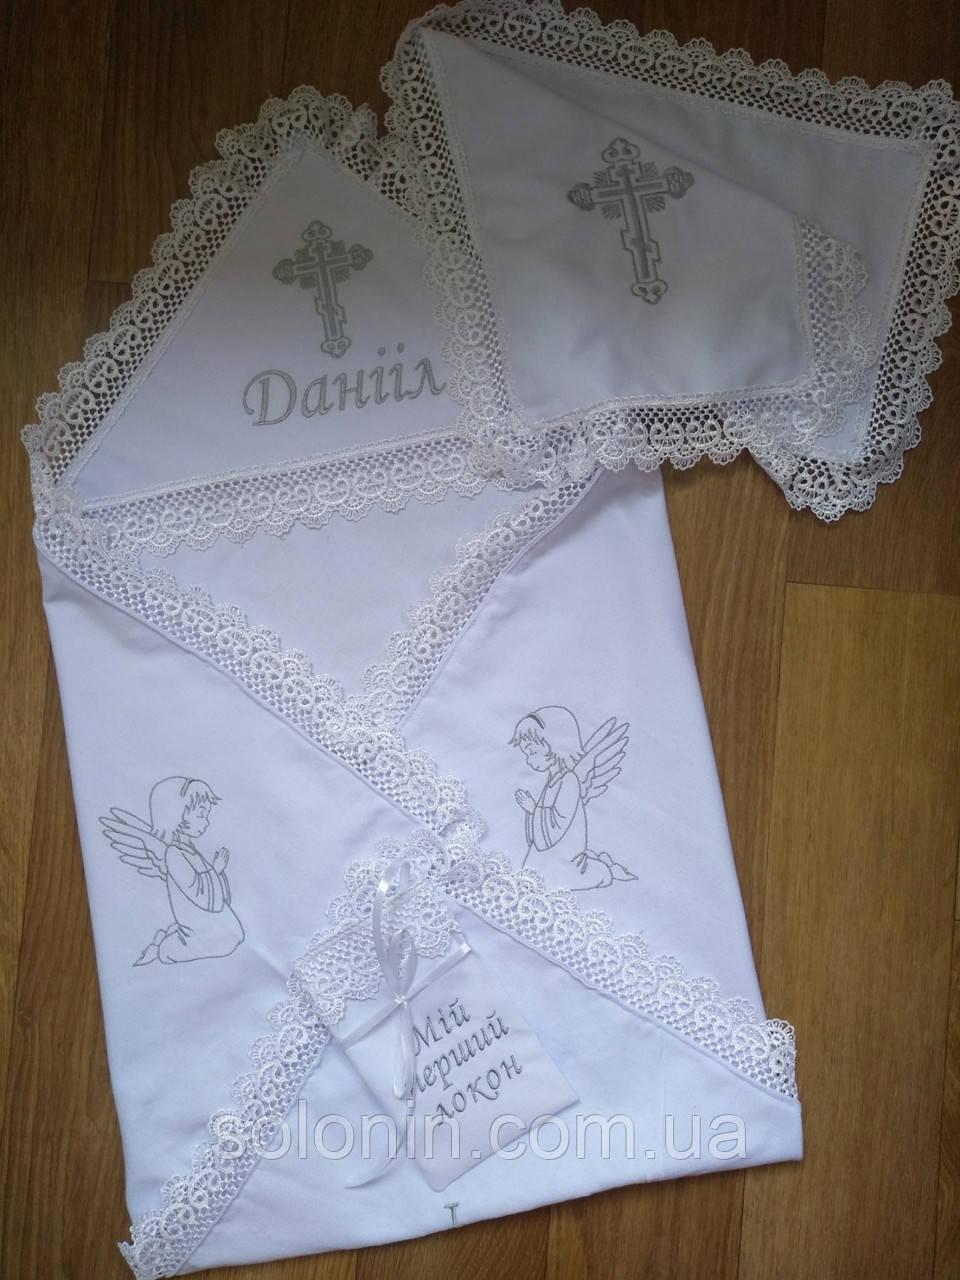 Набор для крещения. Белый лен.